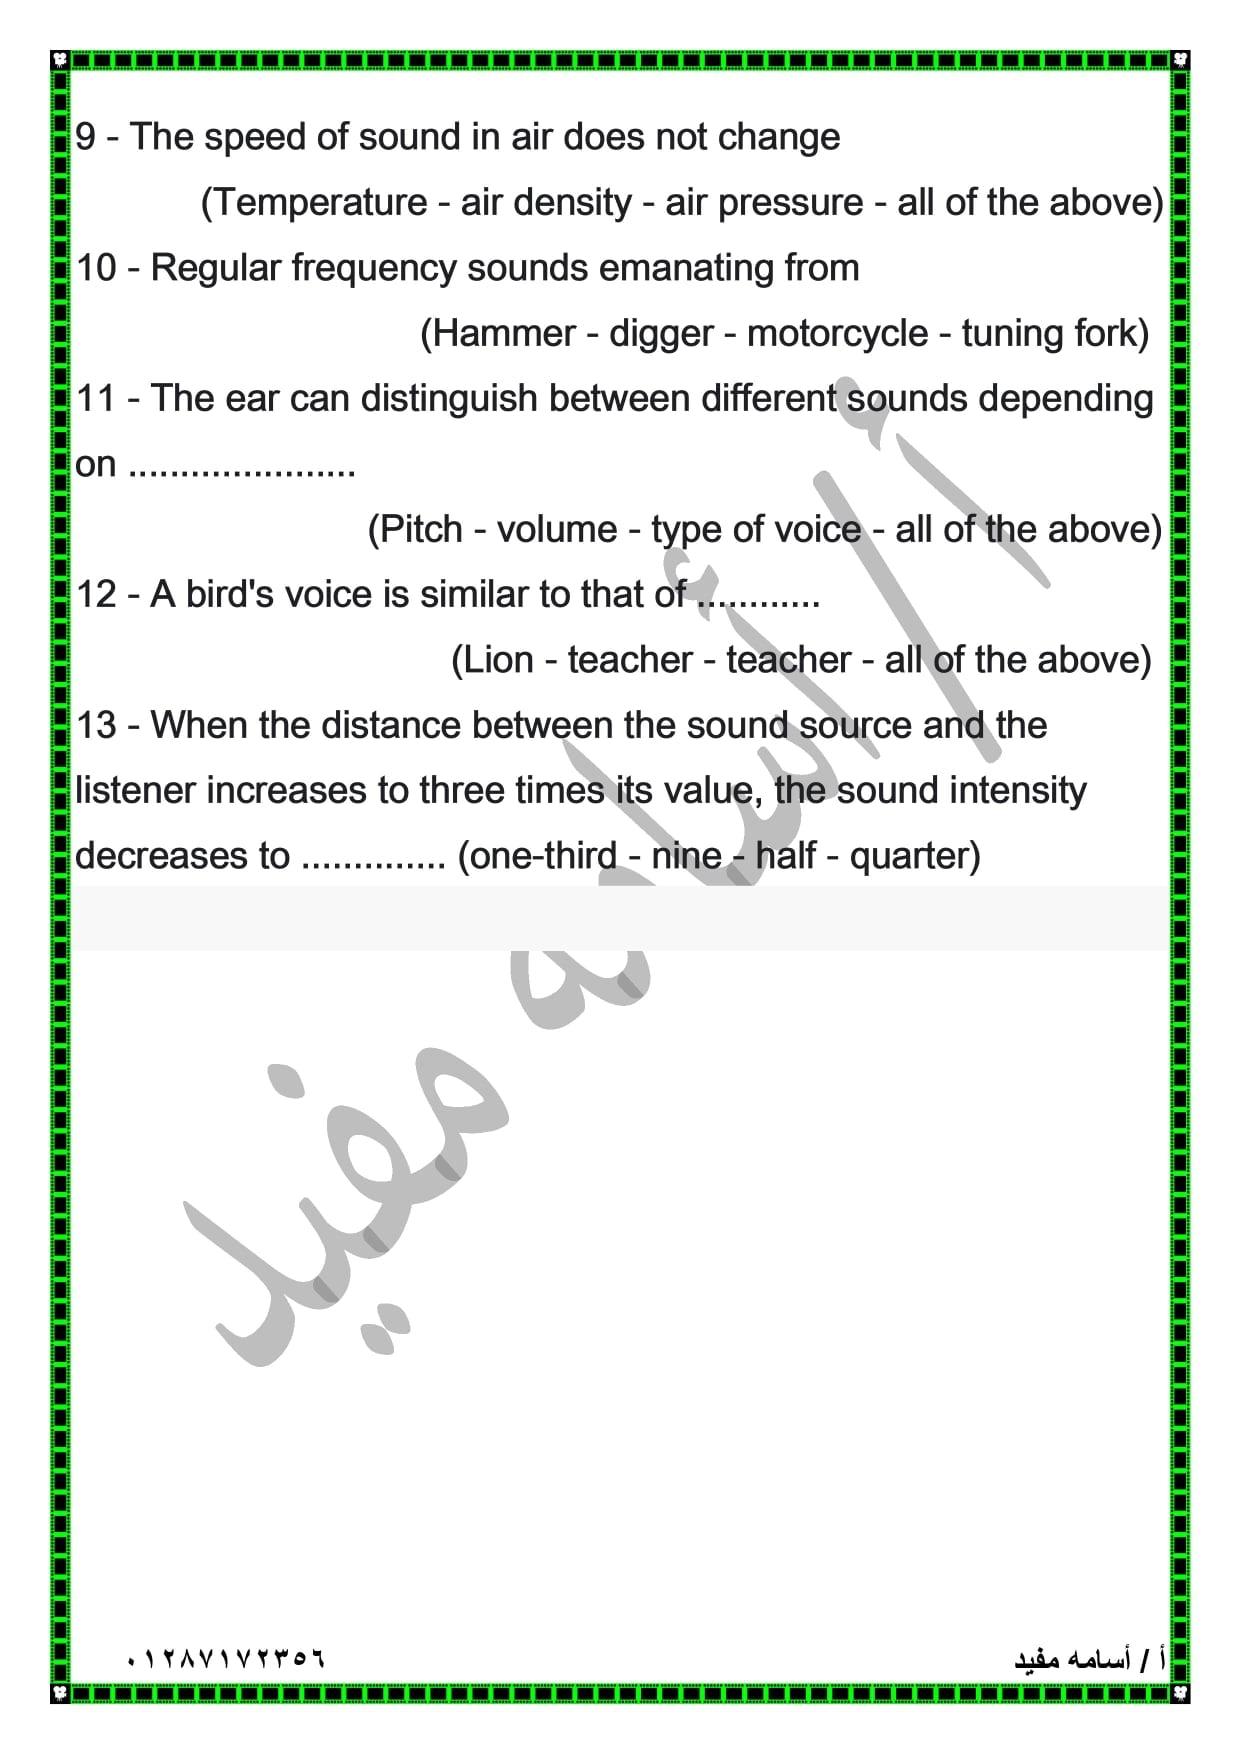 مراجعة علوم باللغة الانجليزية للصف الثاني الاعدادي لغات ترم ثاني بالاجابات 7